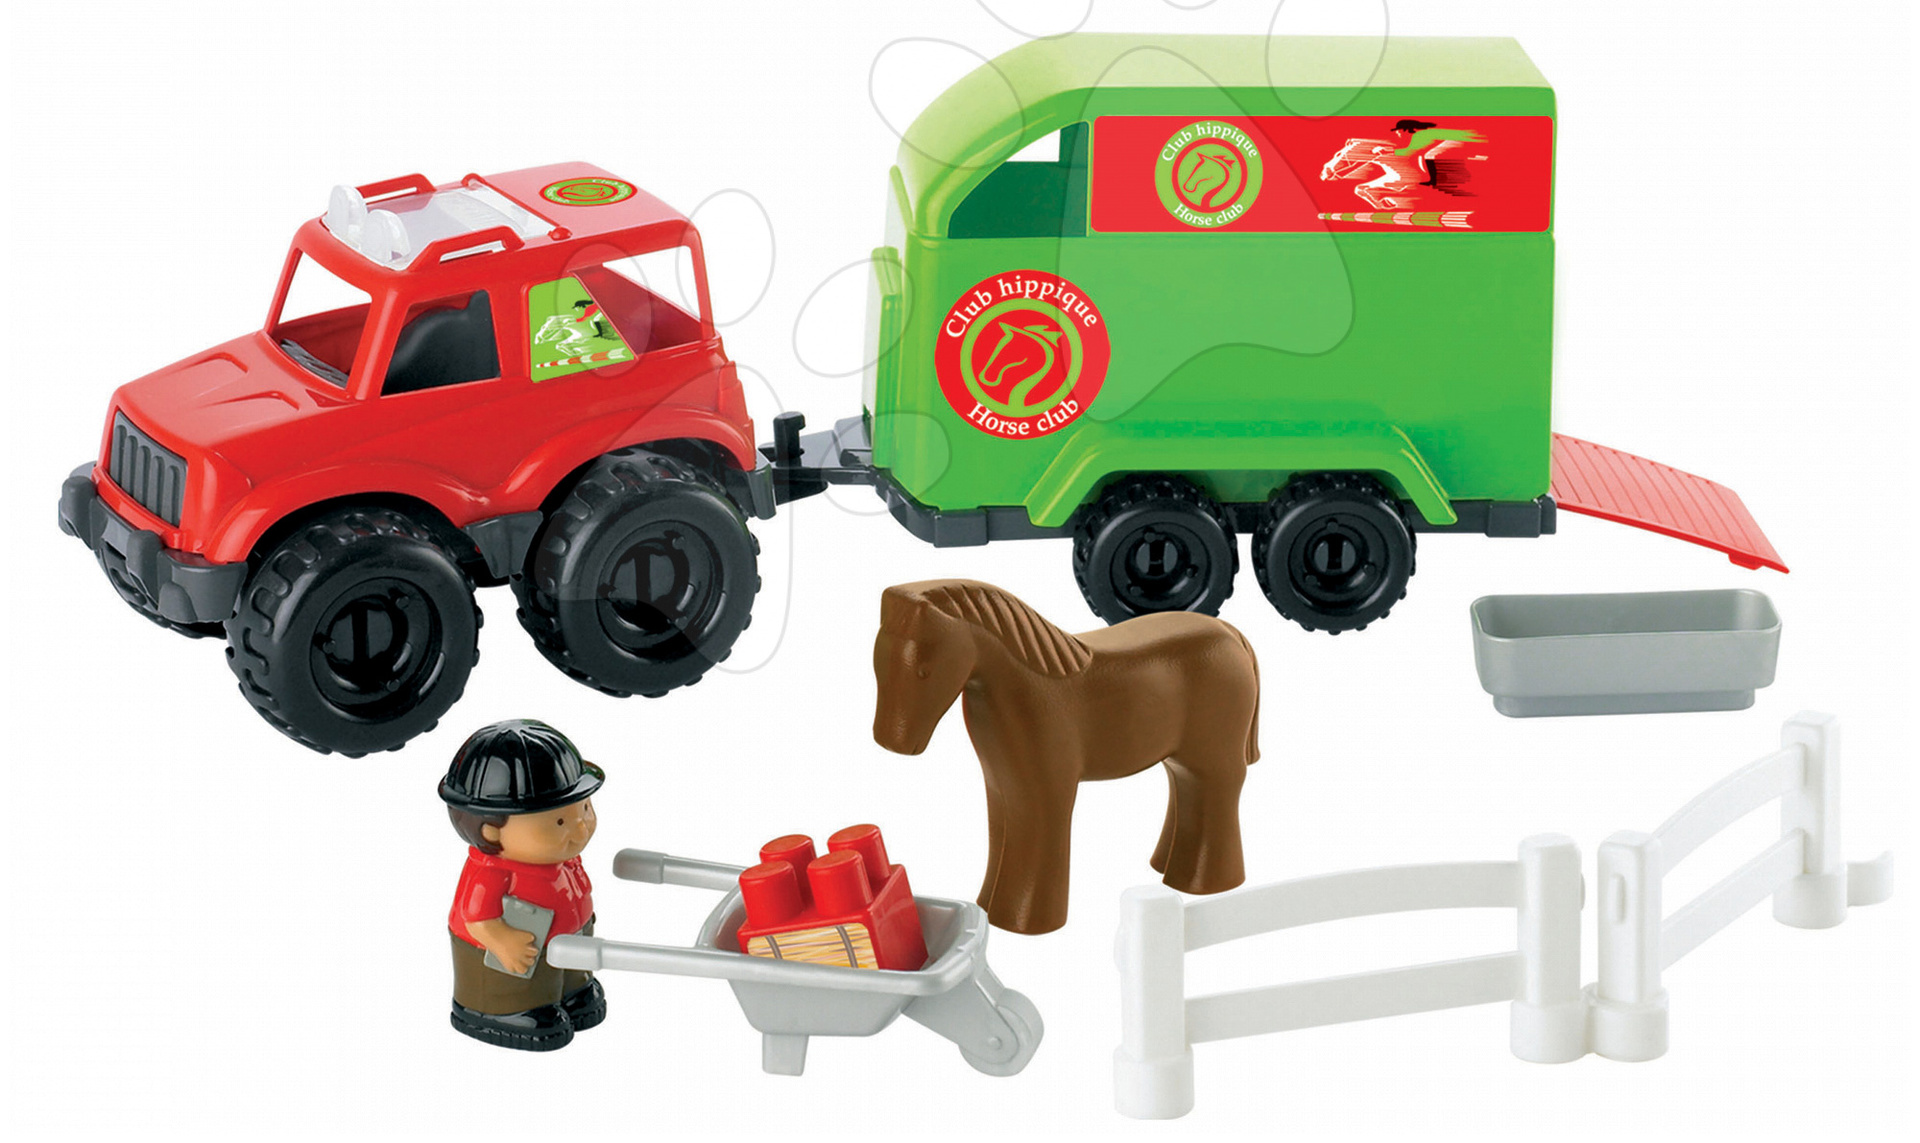 Stavebnice Abrick - Stavebnice Abrick - auto s karavanem pro koníka Écoiffier 21 dílů od 18 měsíců